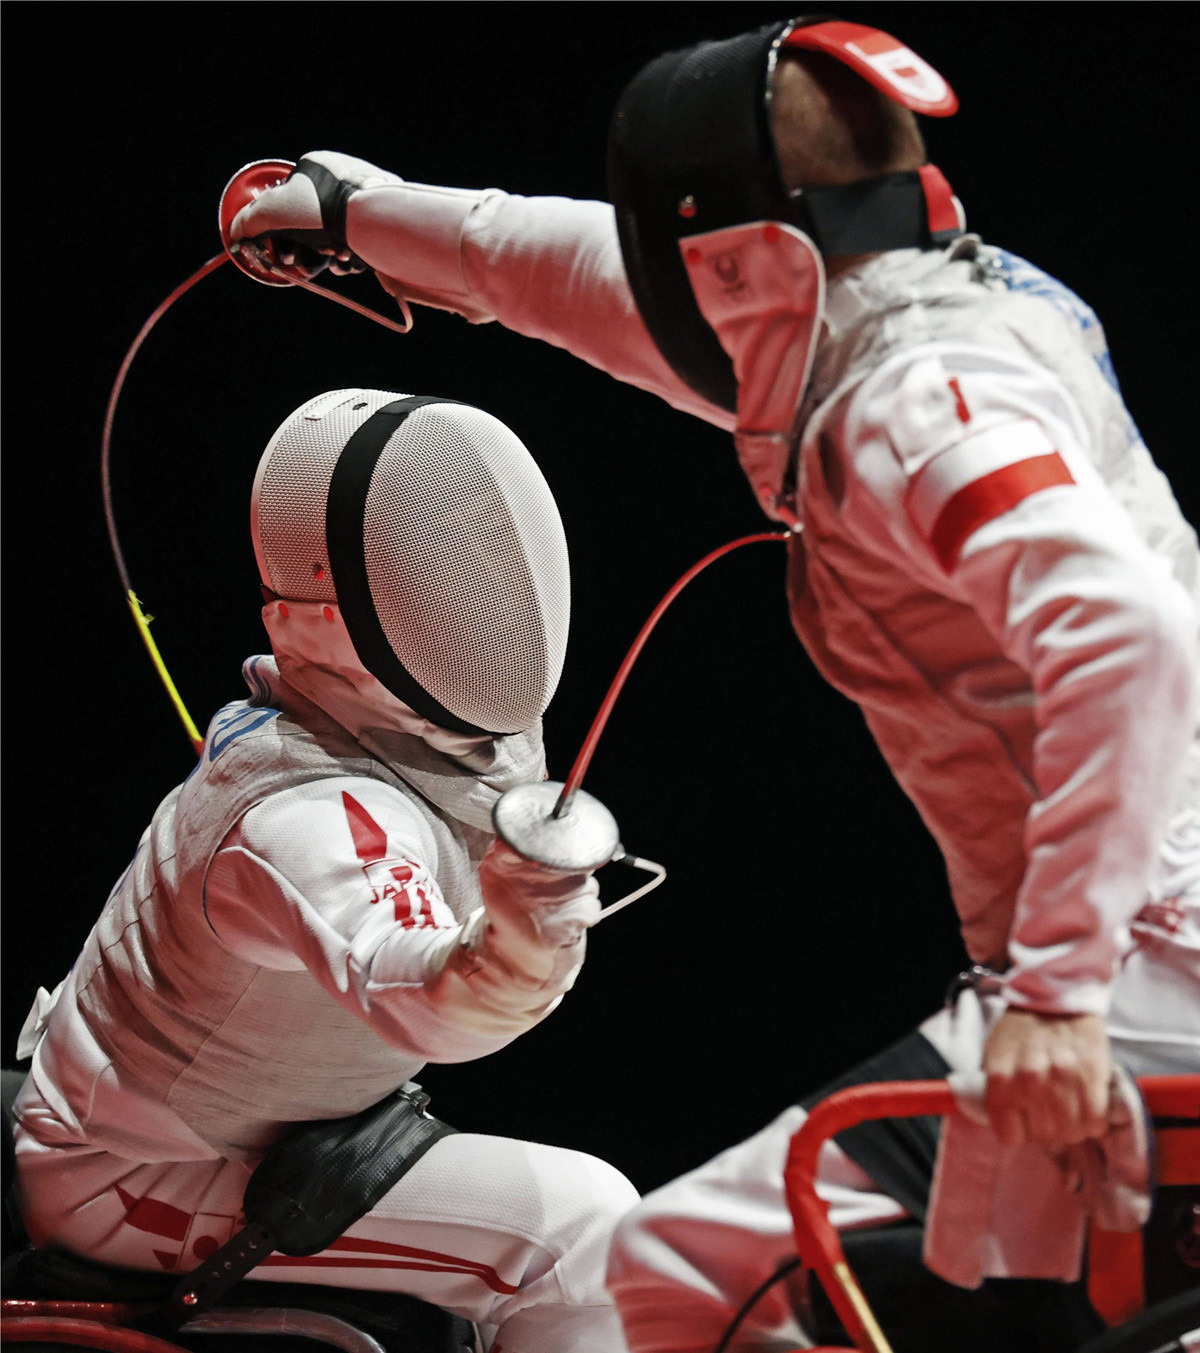 車いすフェンシング・サーブル個人(障害A)、フルーレ個人(障害A)、フルーレ団体の3種目に出場した加納(写真左)